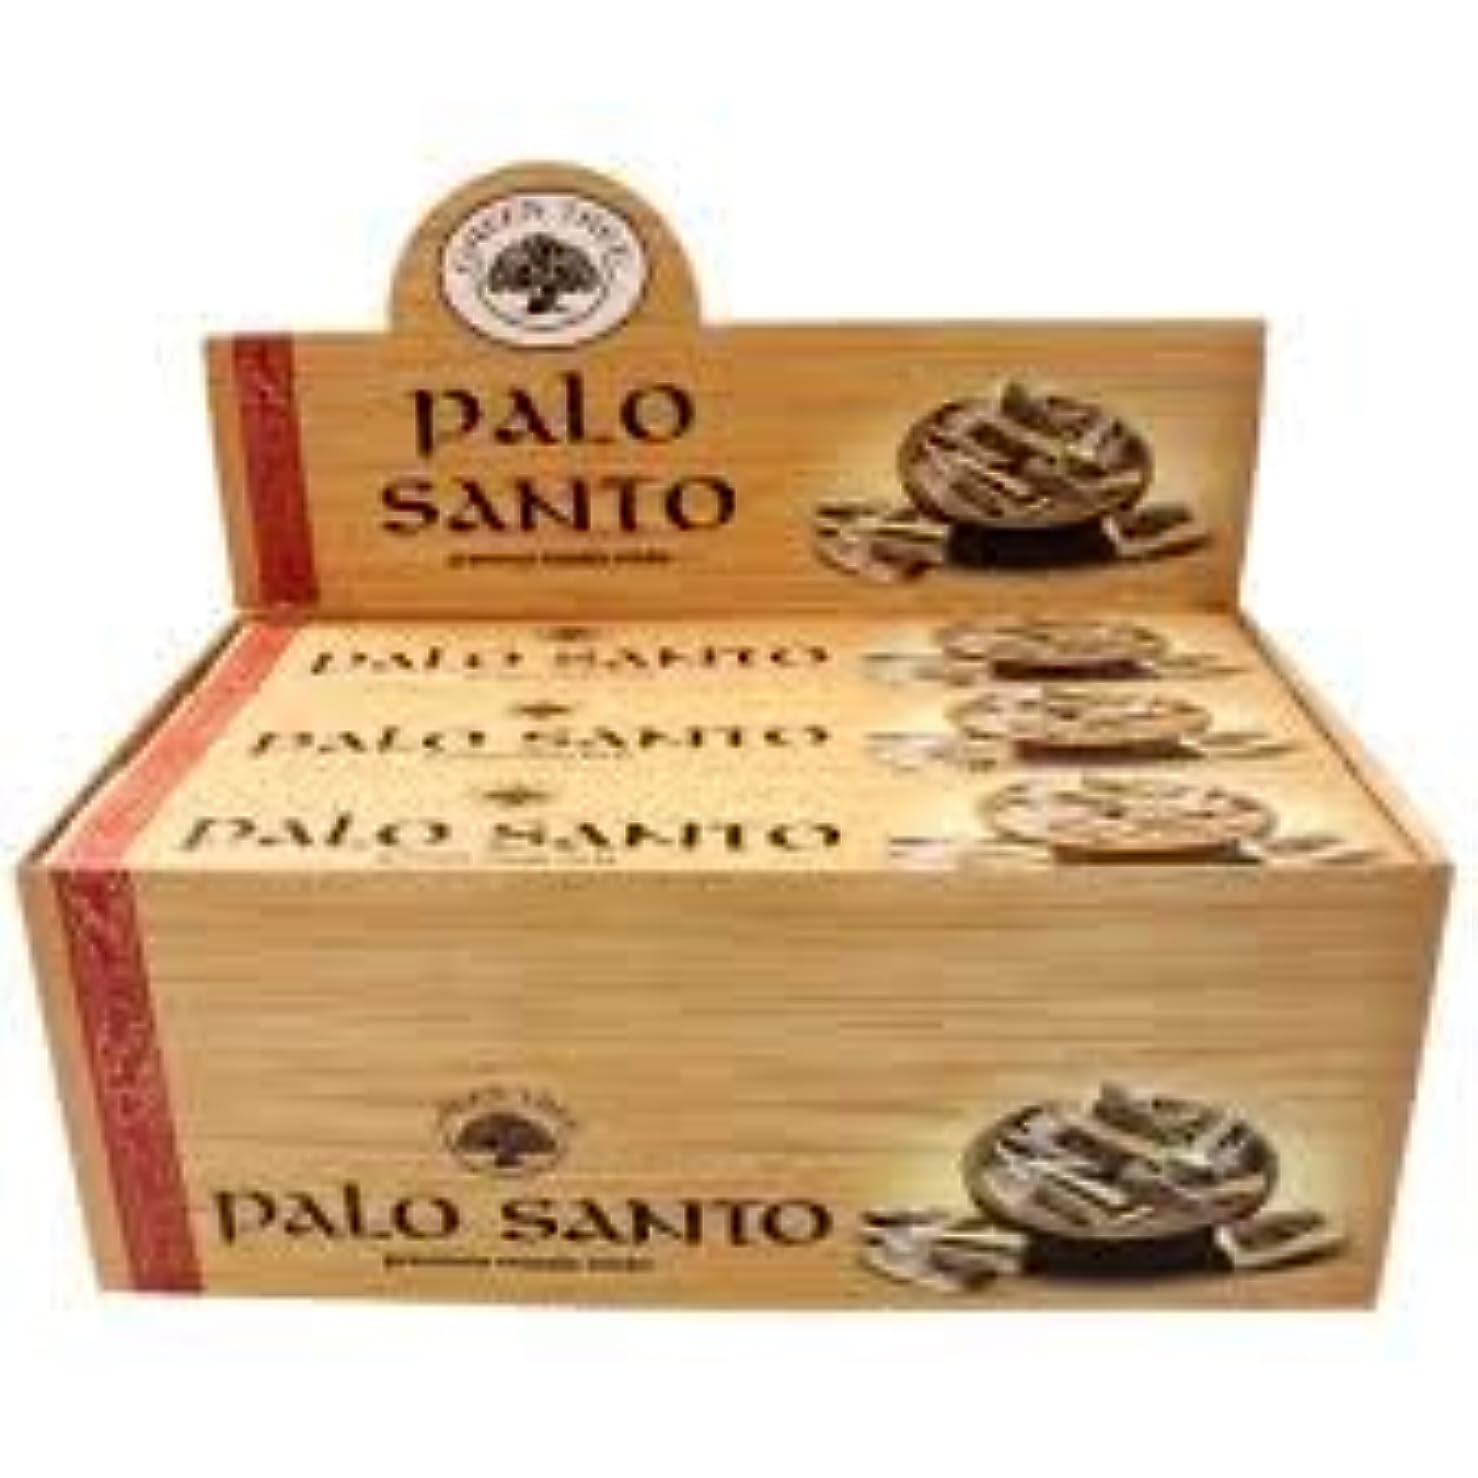 狂うひまわりGREEN TREE PALO SANTO パロサント 聖なる樹 お香 スティック 約15本入 (1箱) [並行輸入品]